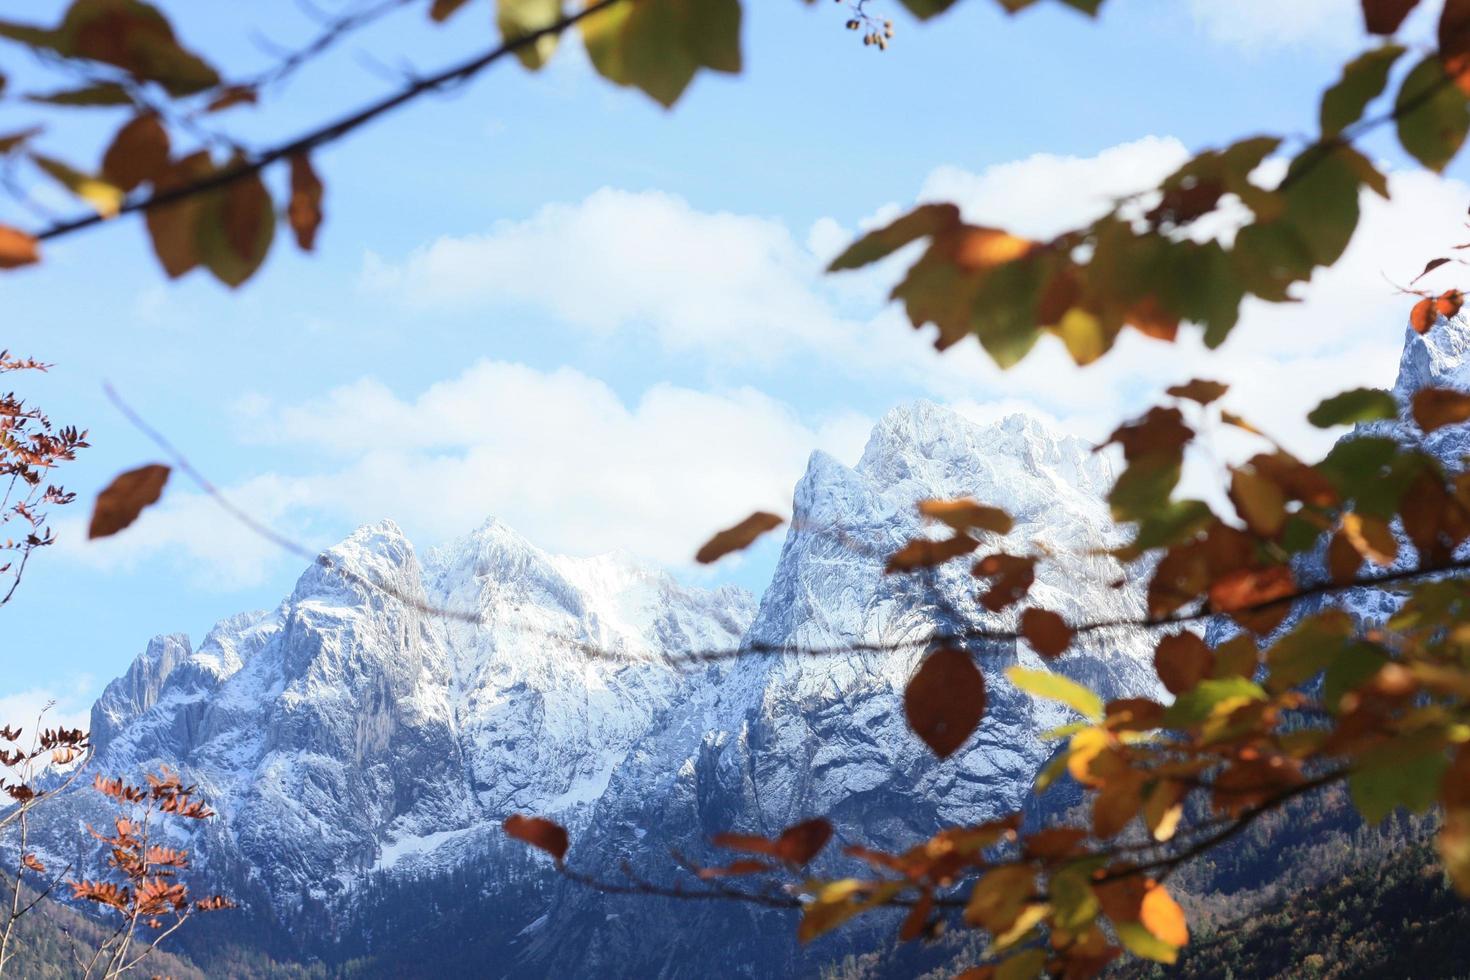 montanhas cobertas de neve através das folhas de outono foto